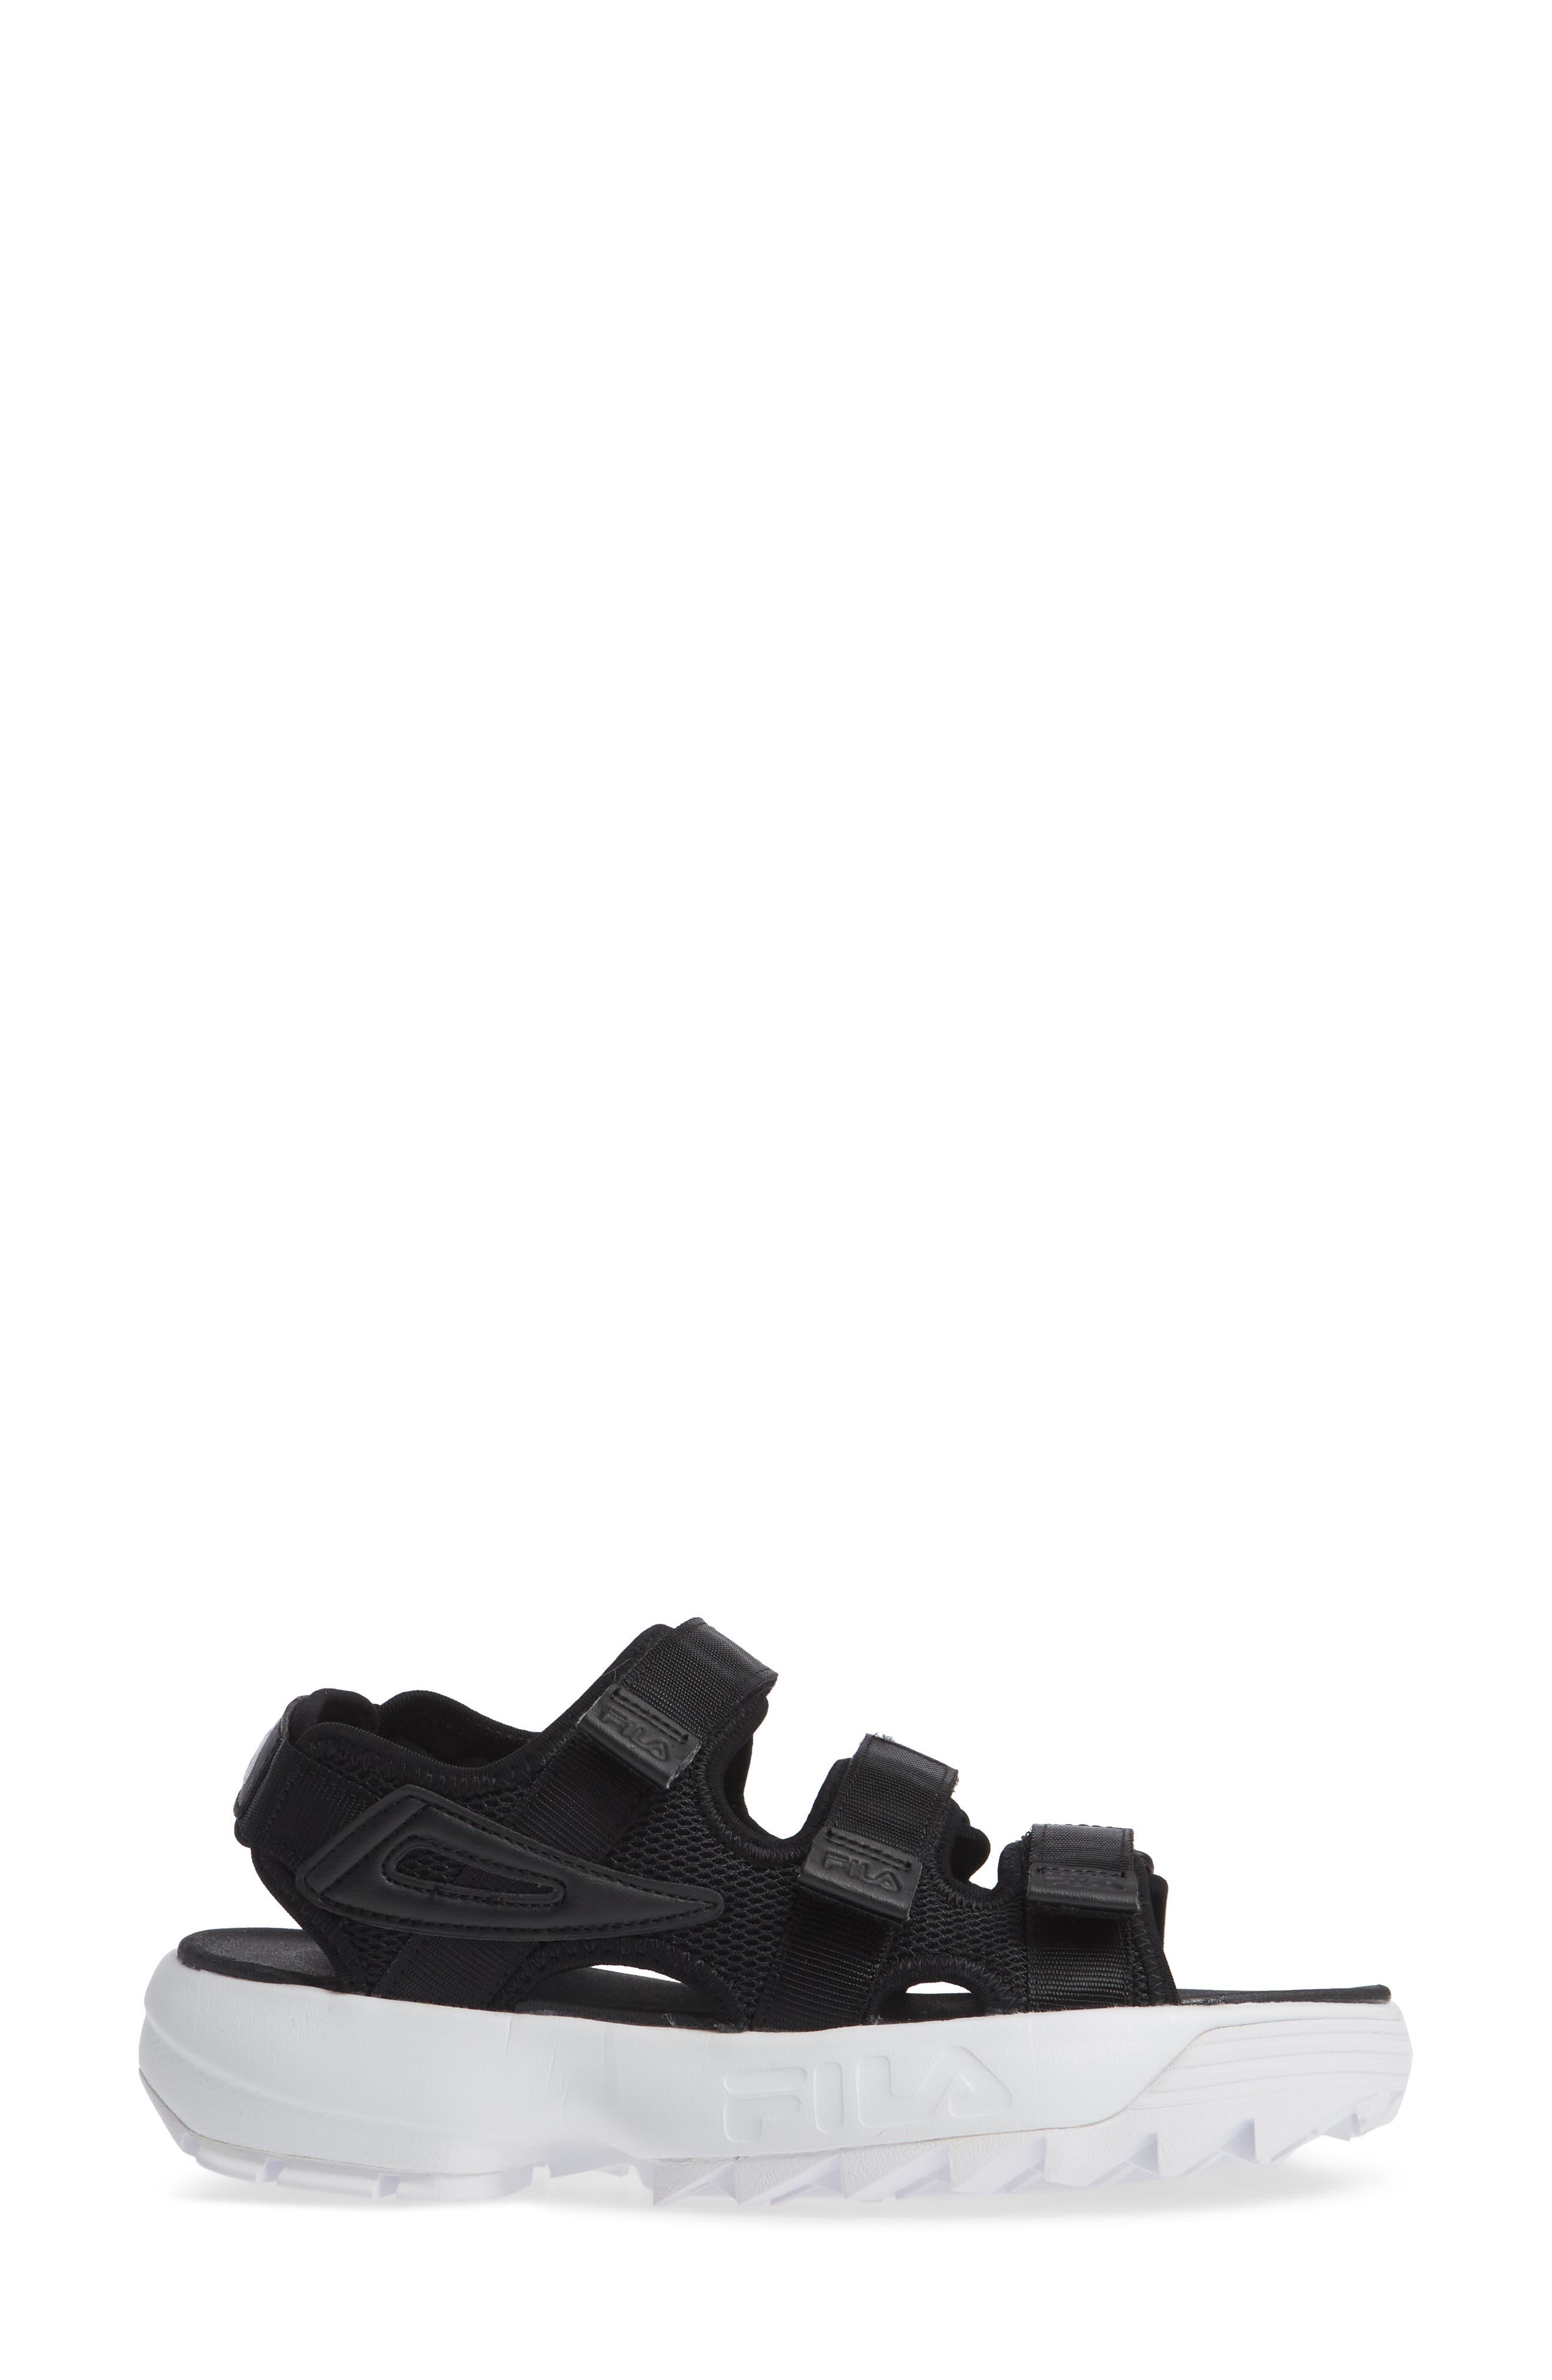 Disruptor Sandal,                             Alternate thumbnail 3, color,                             BLACK/ BLACK/ WHITE